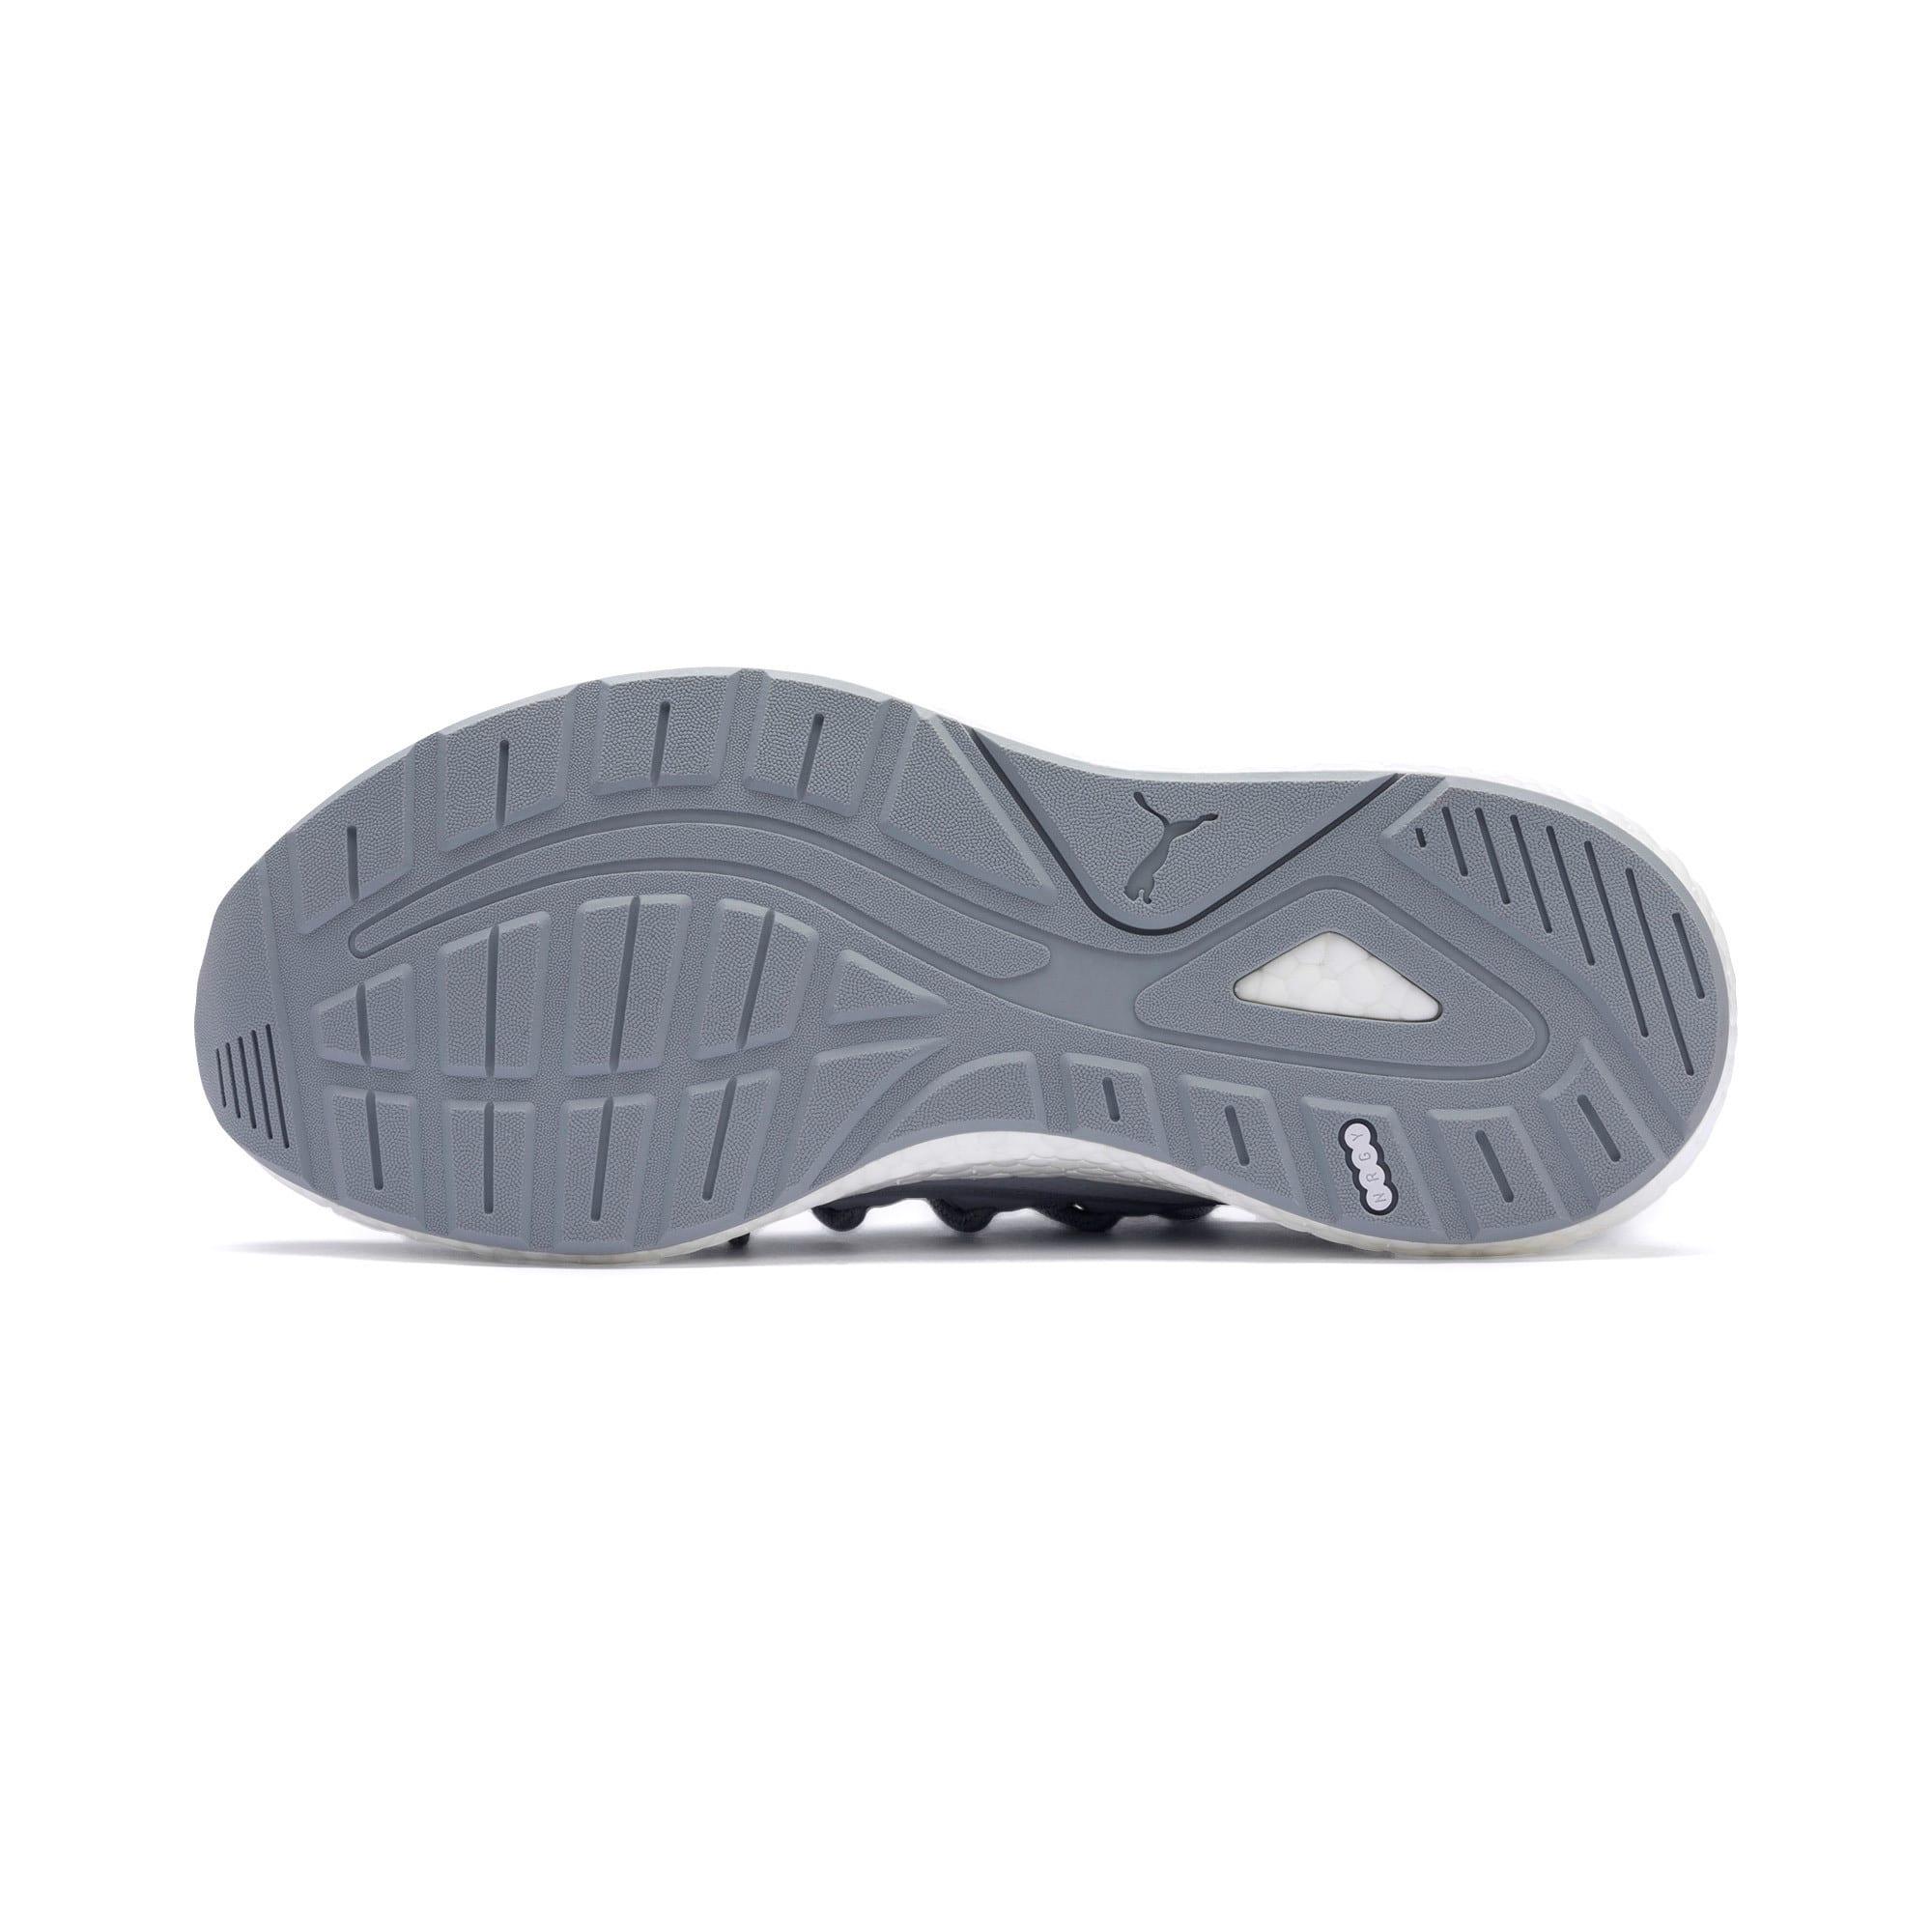 Thumbnail 5 of Chaussure de course NRGY Neko Knit pour femme, Quarry, medium